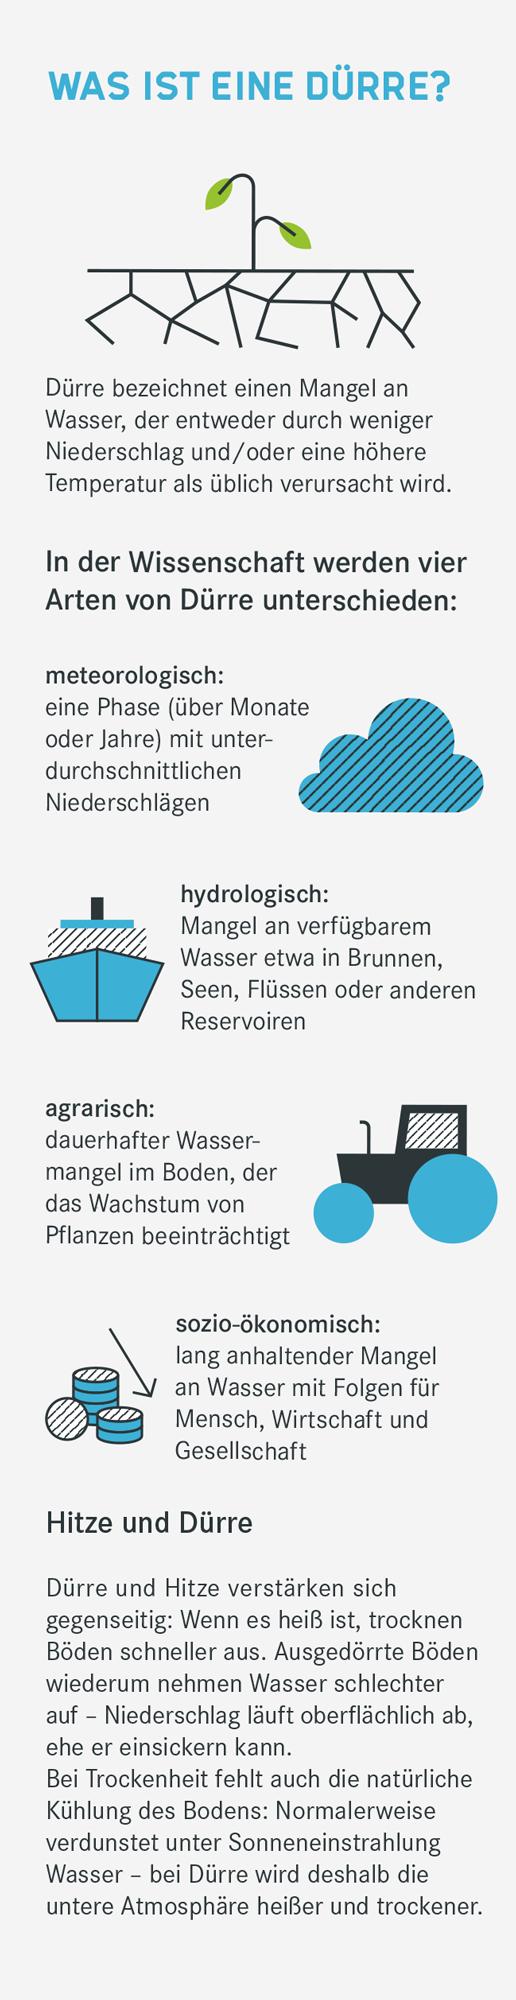 Infografik zu der Frage Was ist eine Dürre?